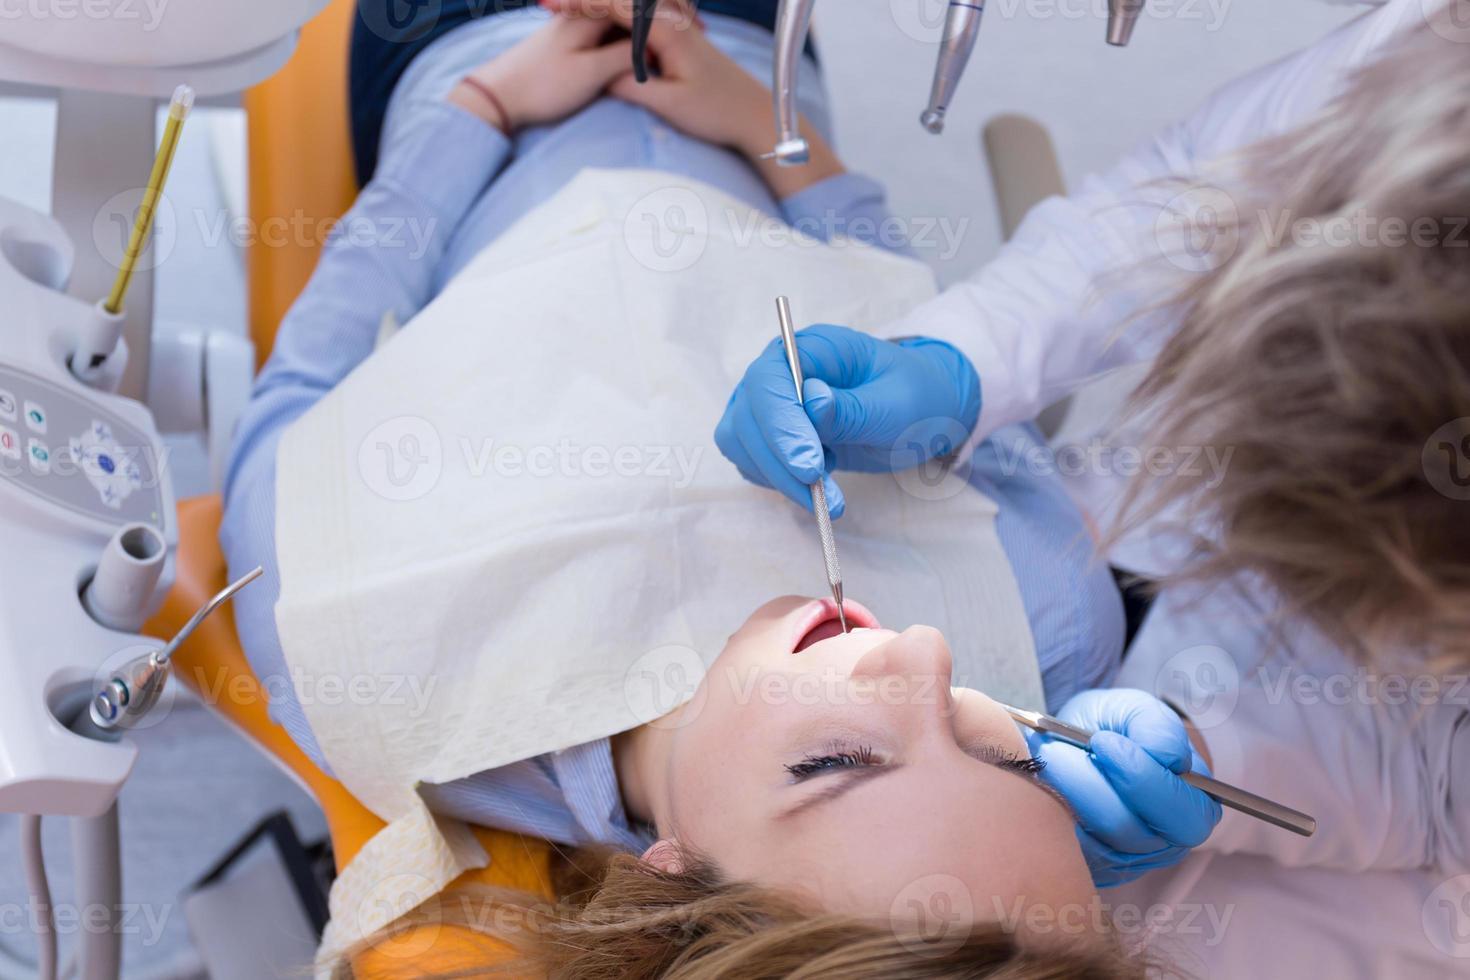 dentiste, faire un examen dentaire photo